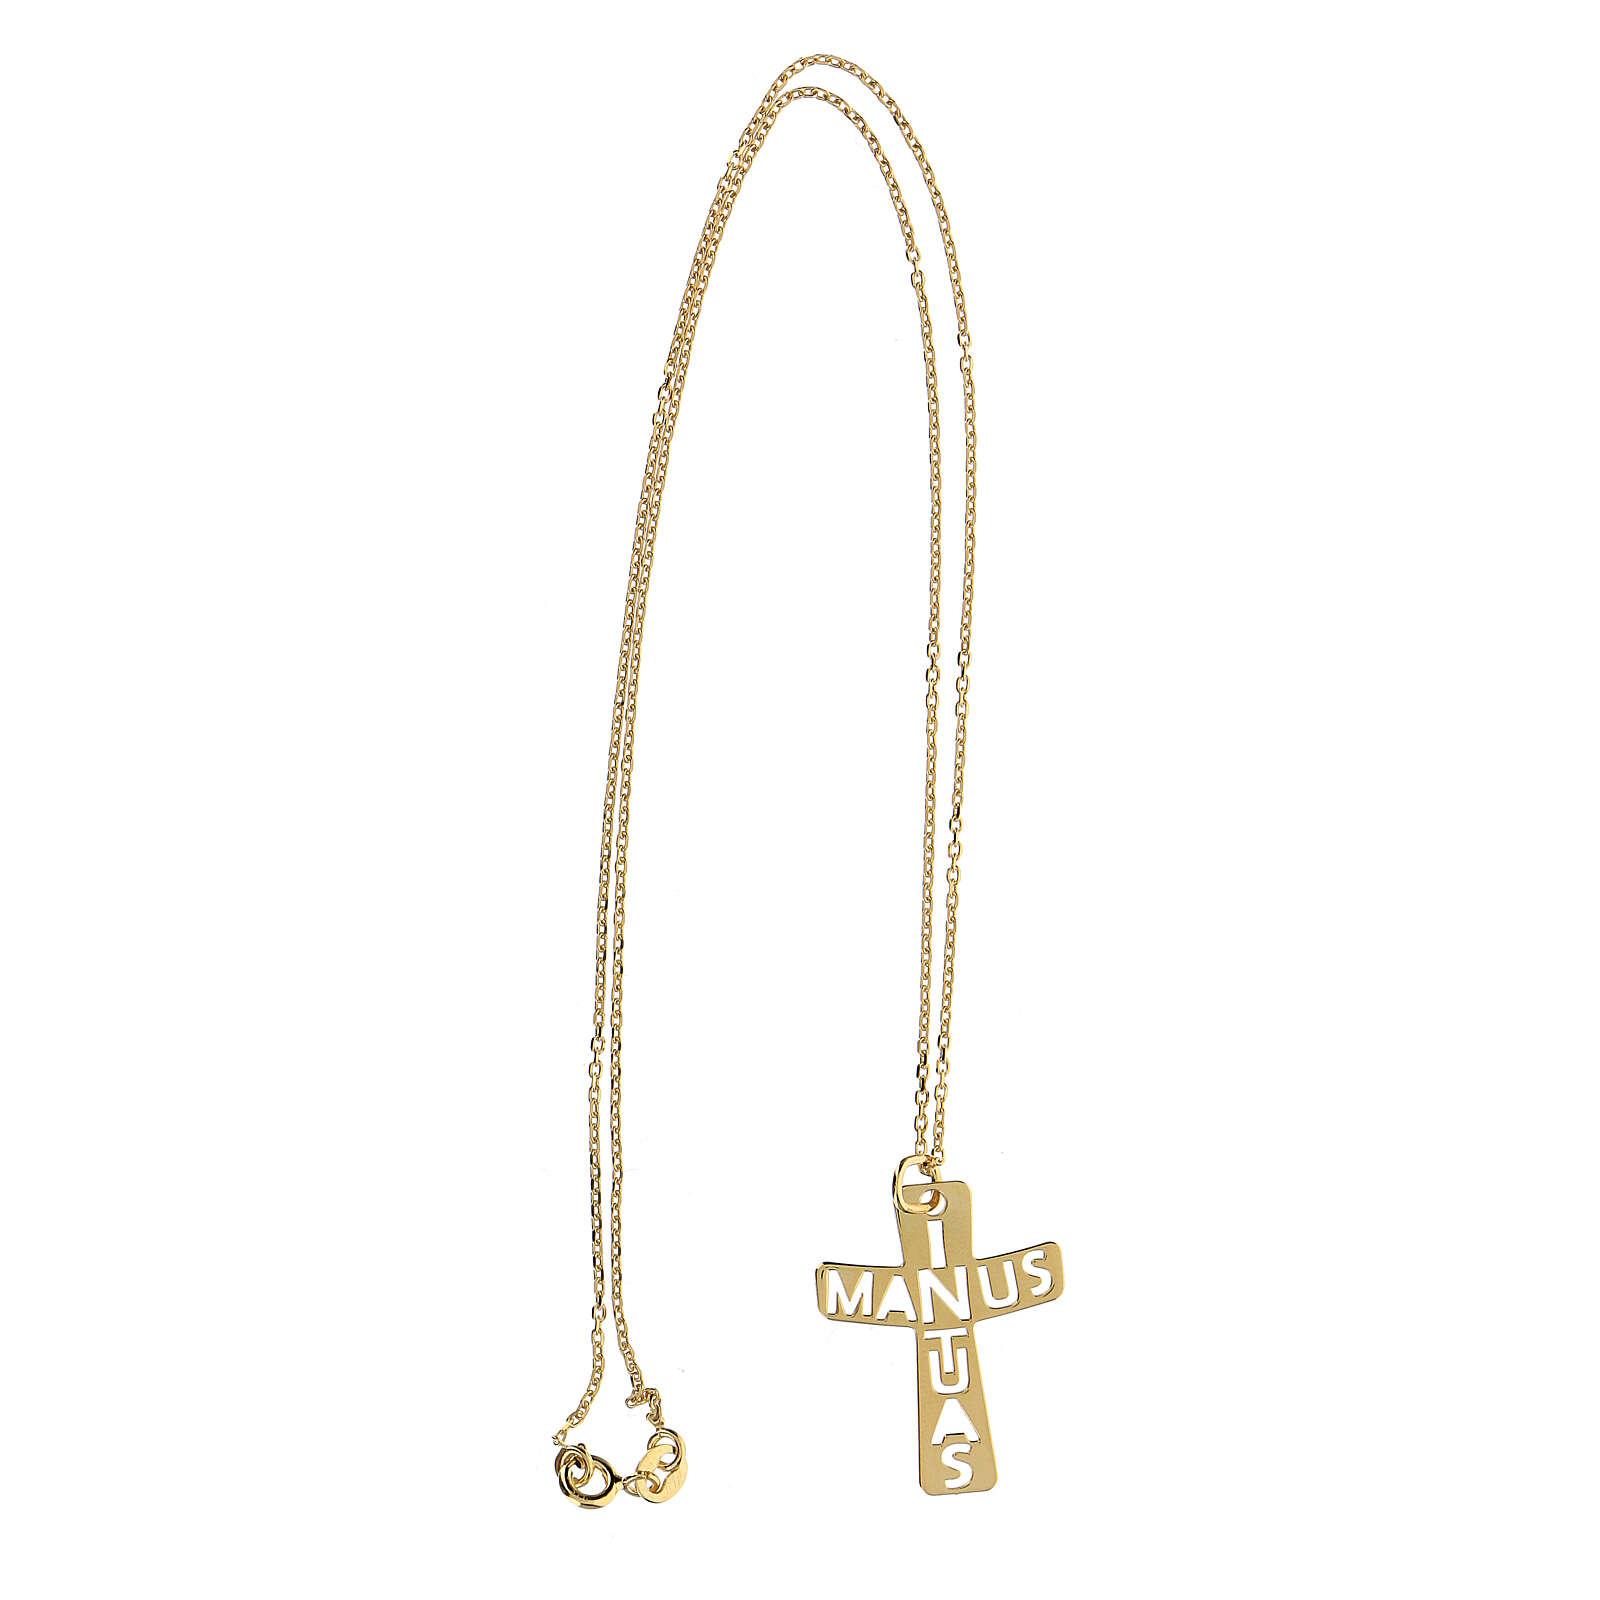 Pendente croce traforato argento 925 dorato In Manus Tuas 4